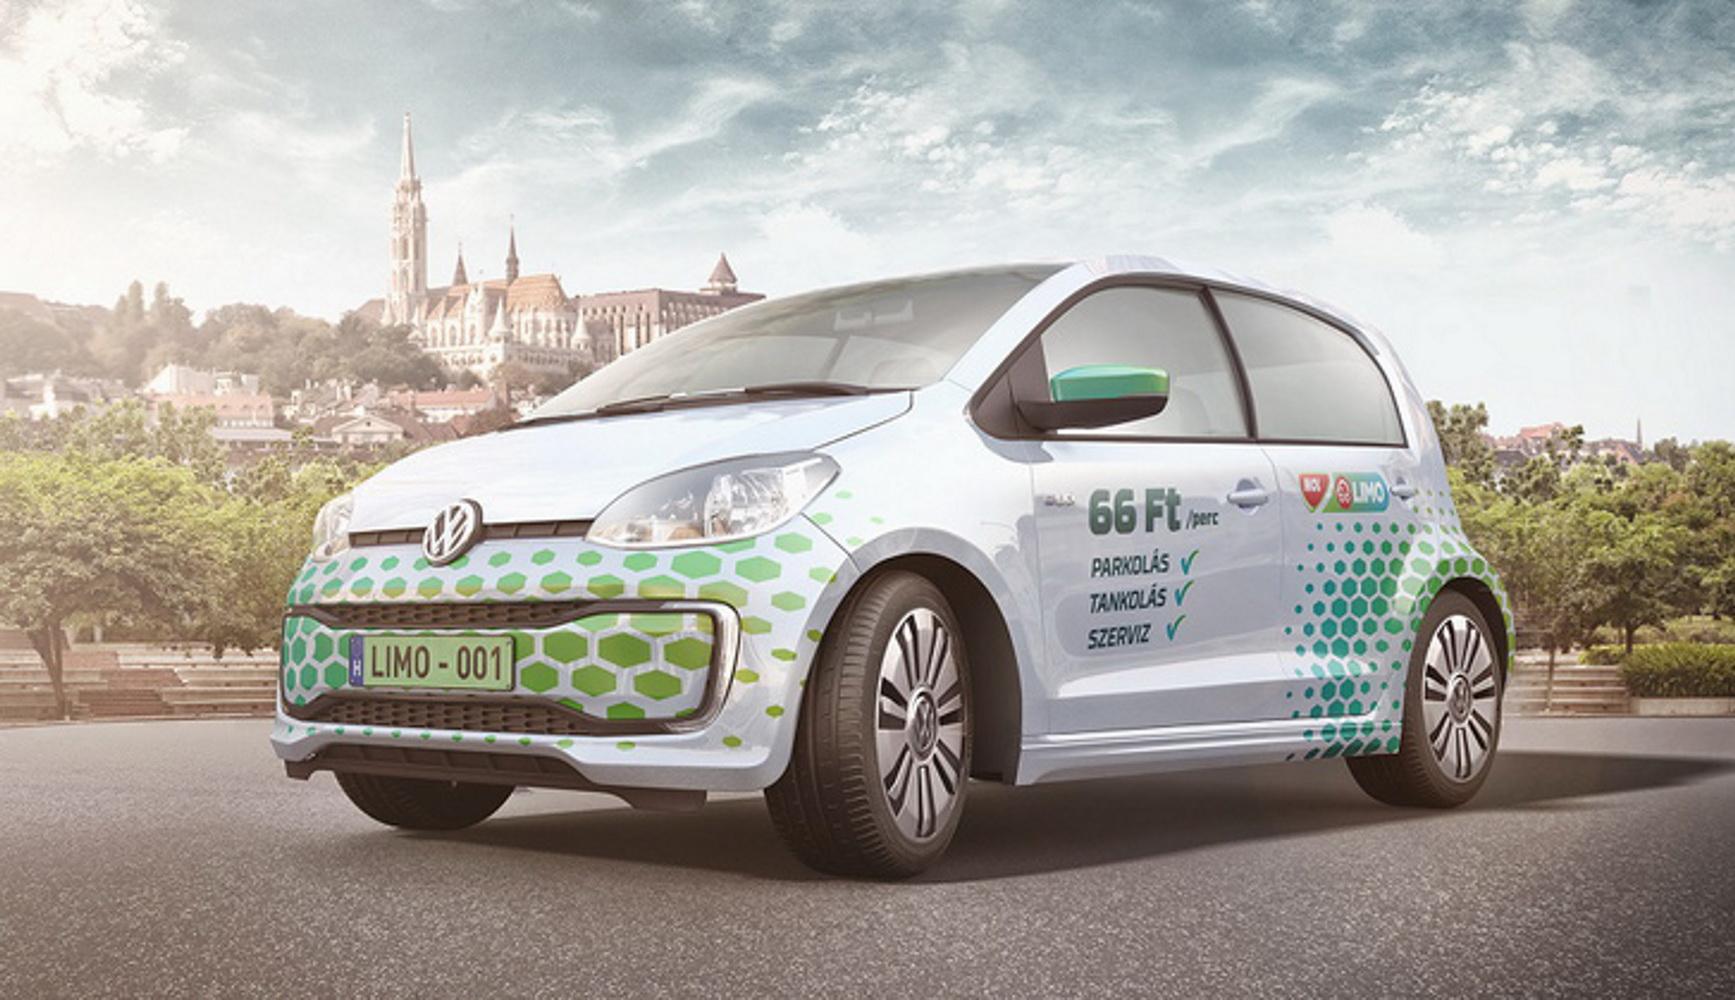 300 Volkswagen up!-al elindult a MOL Limo szolgáltatása Budapesten